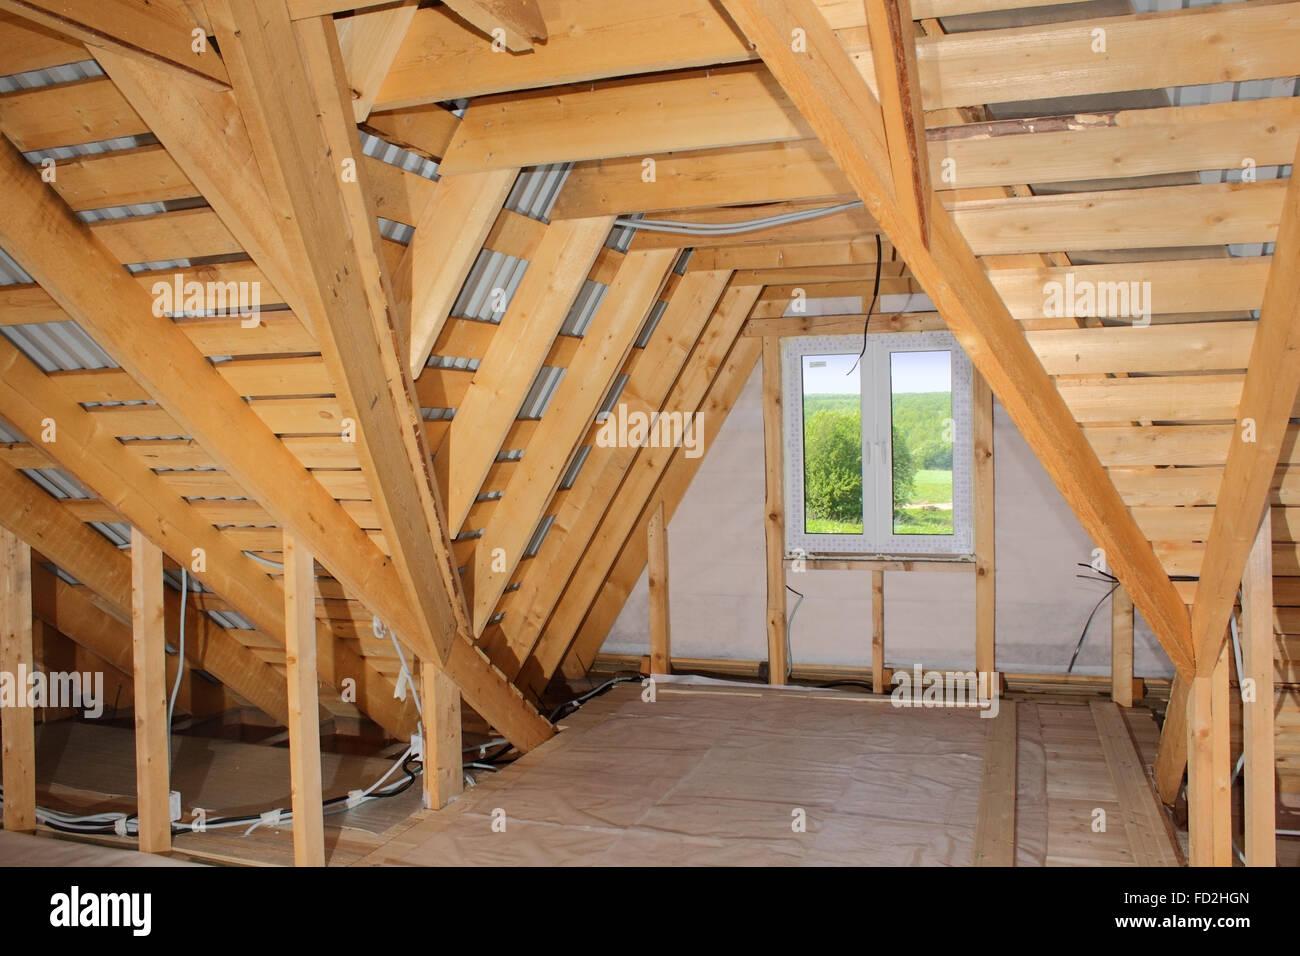 Dachgeschoss im Bau (hölzerne Dachrahmen und Kunststoff-Fenster im ...